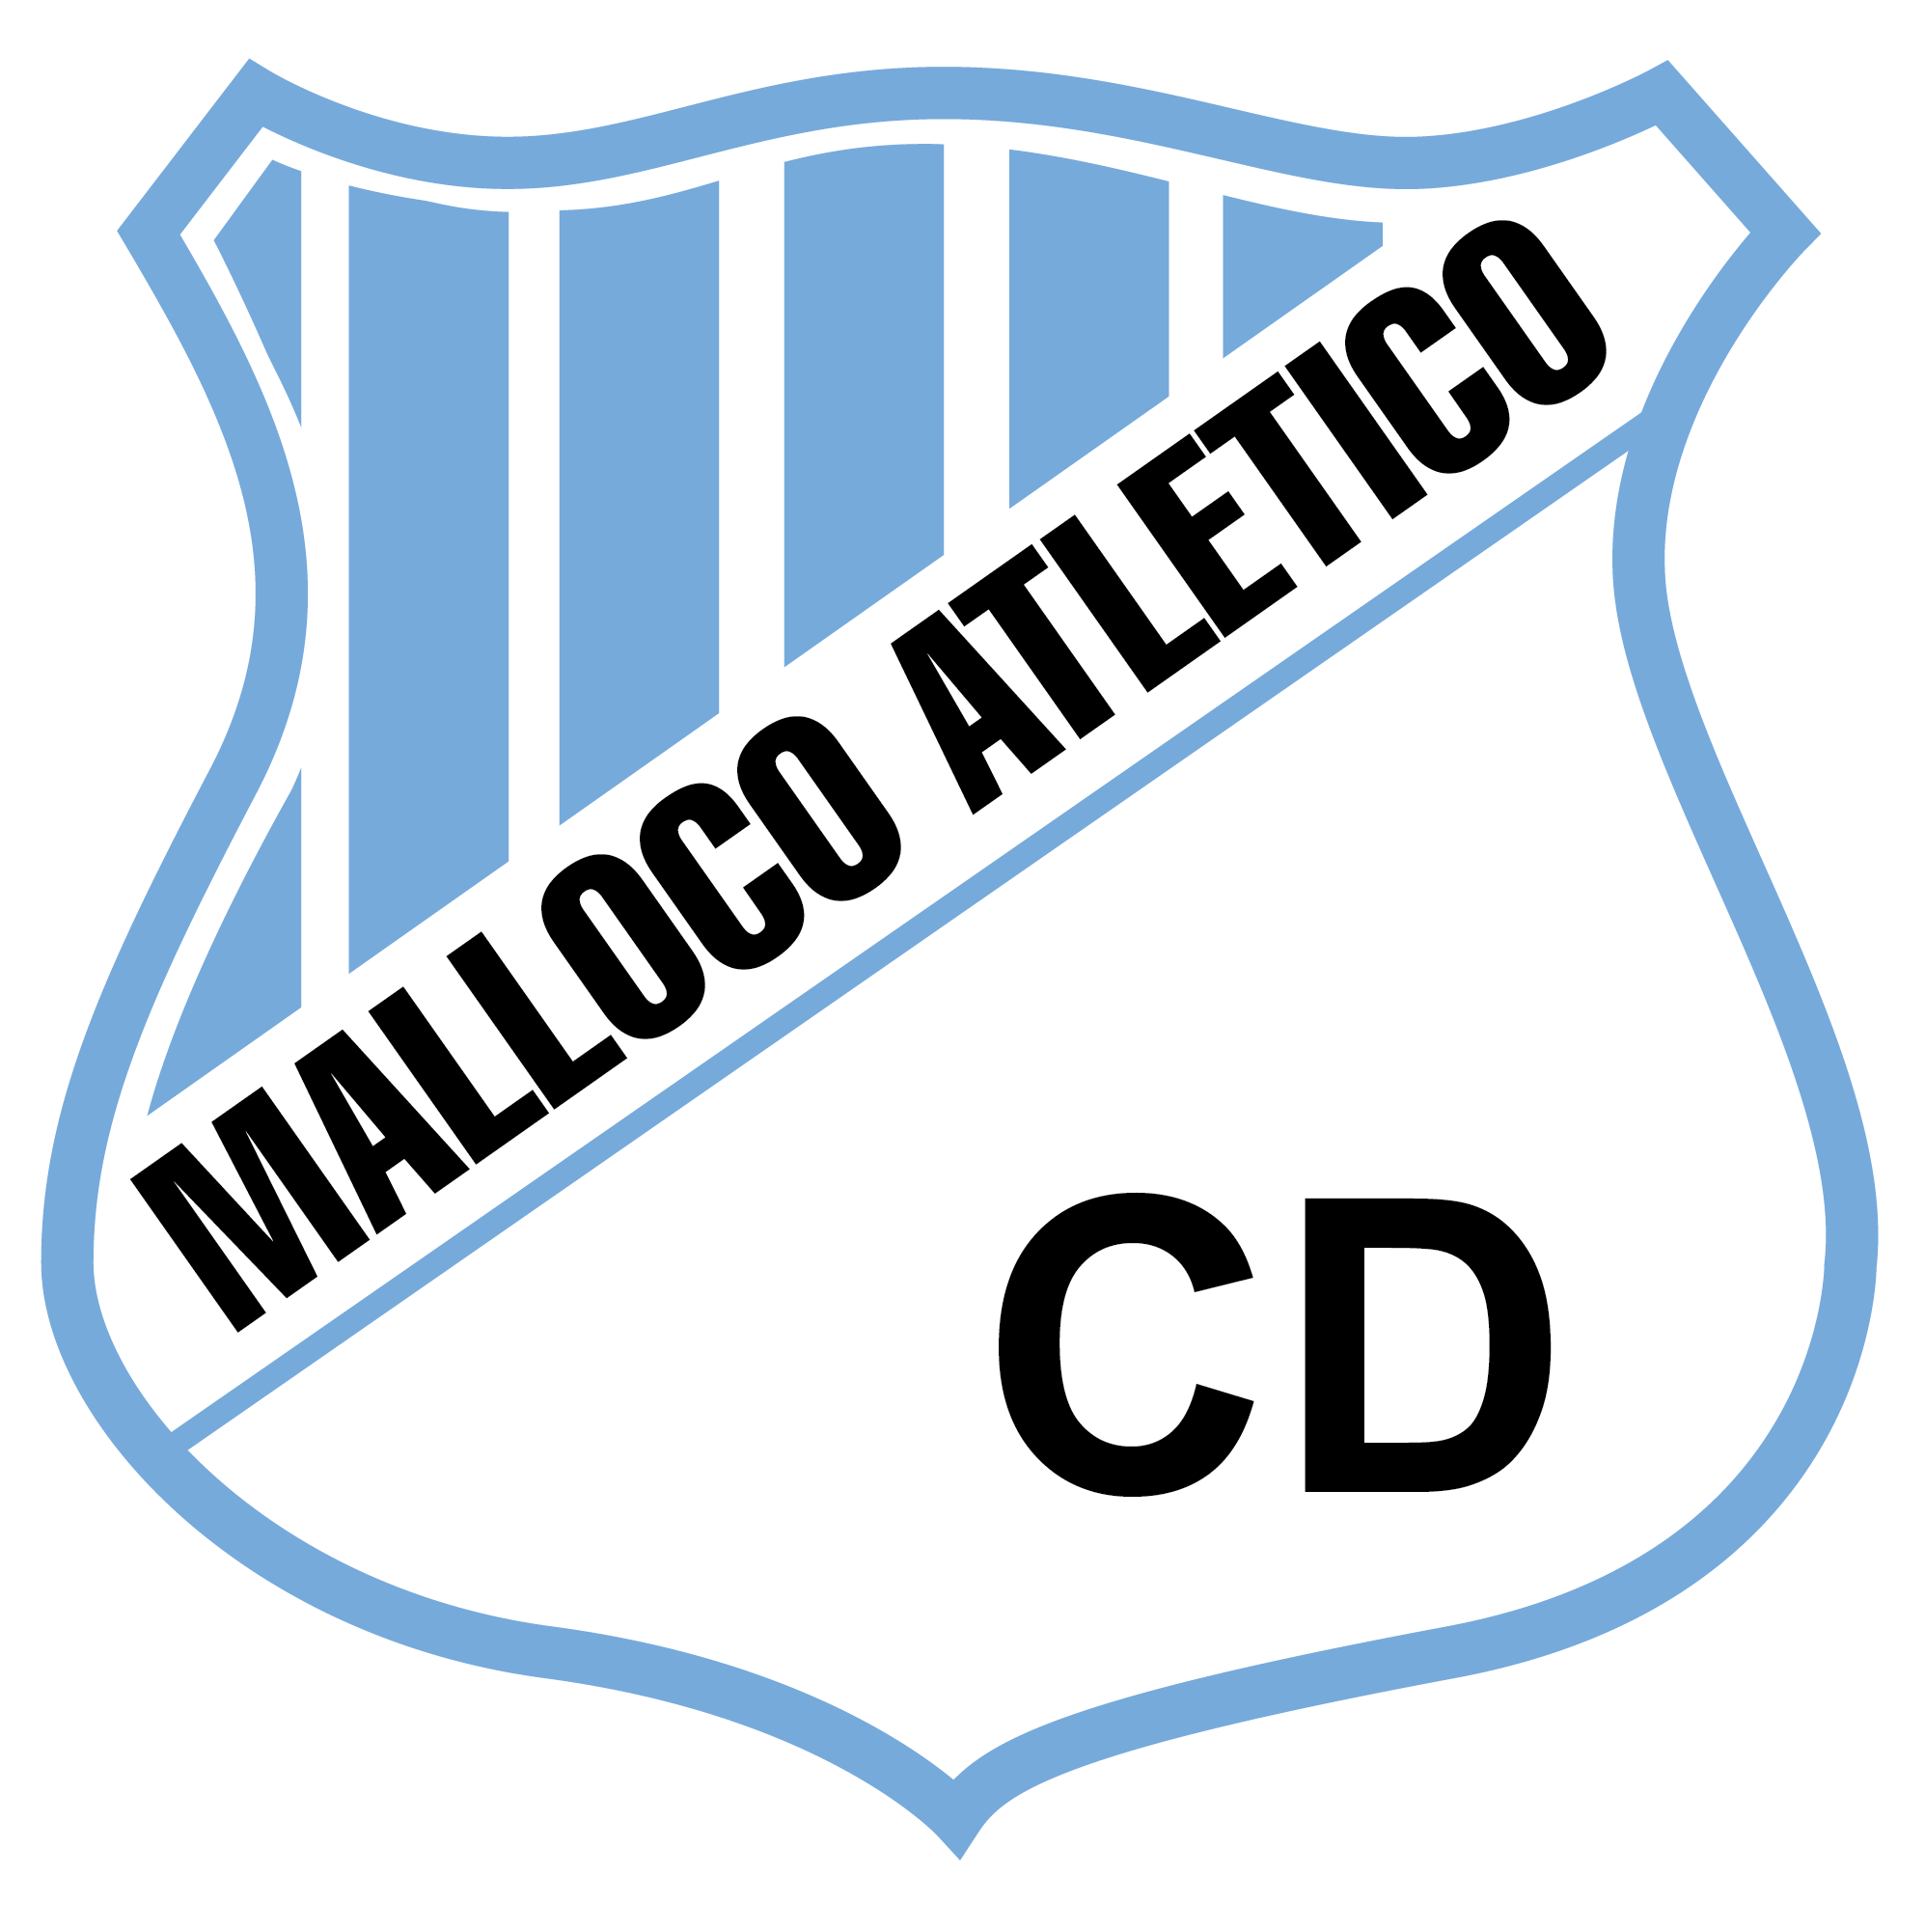 MallocoAtlético